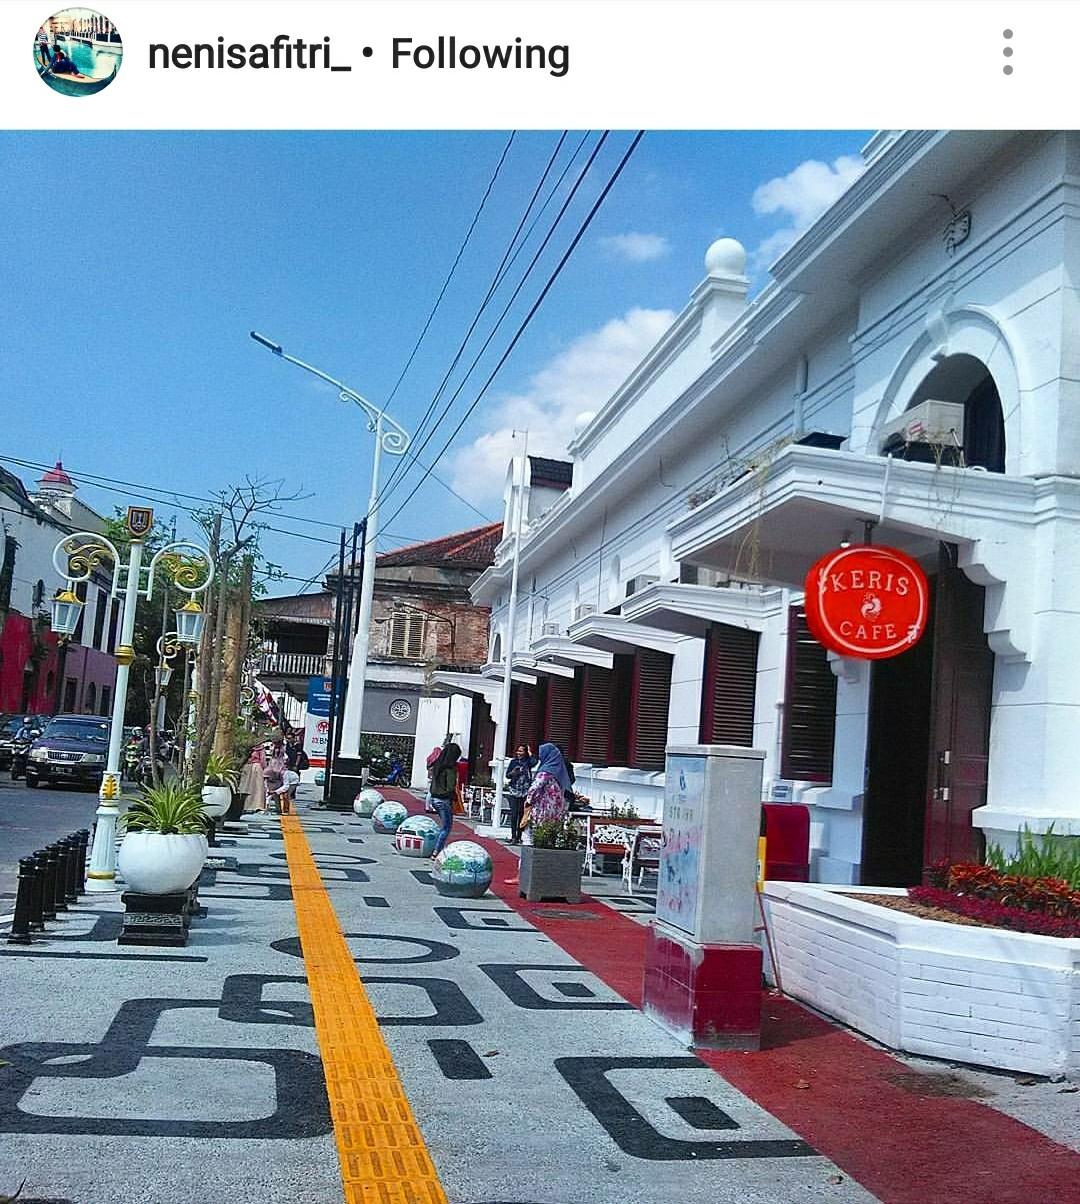 Semarang Coret Nongkrong Cantik Kreatif Galeri Keris Letaknya Persis Seberang